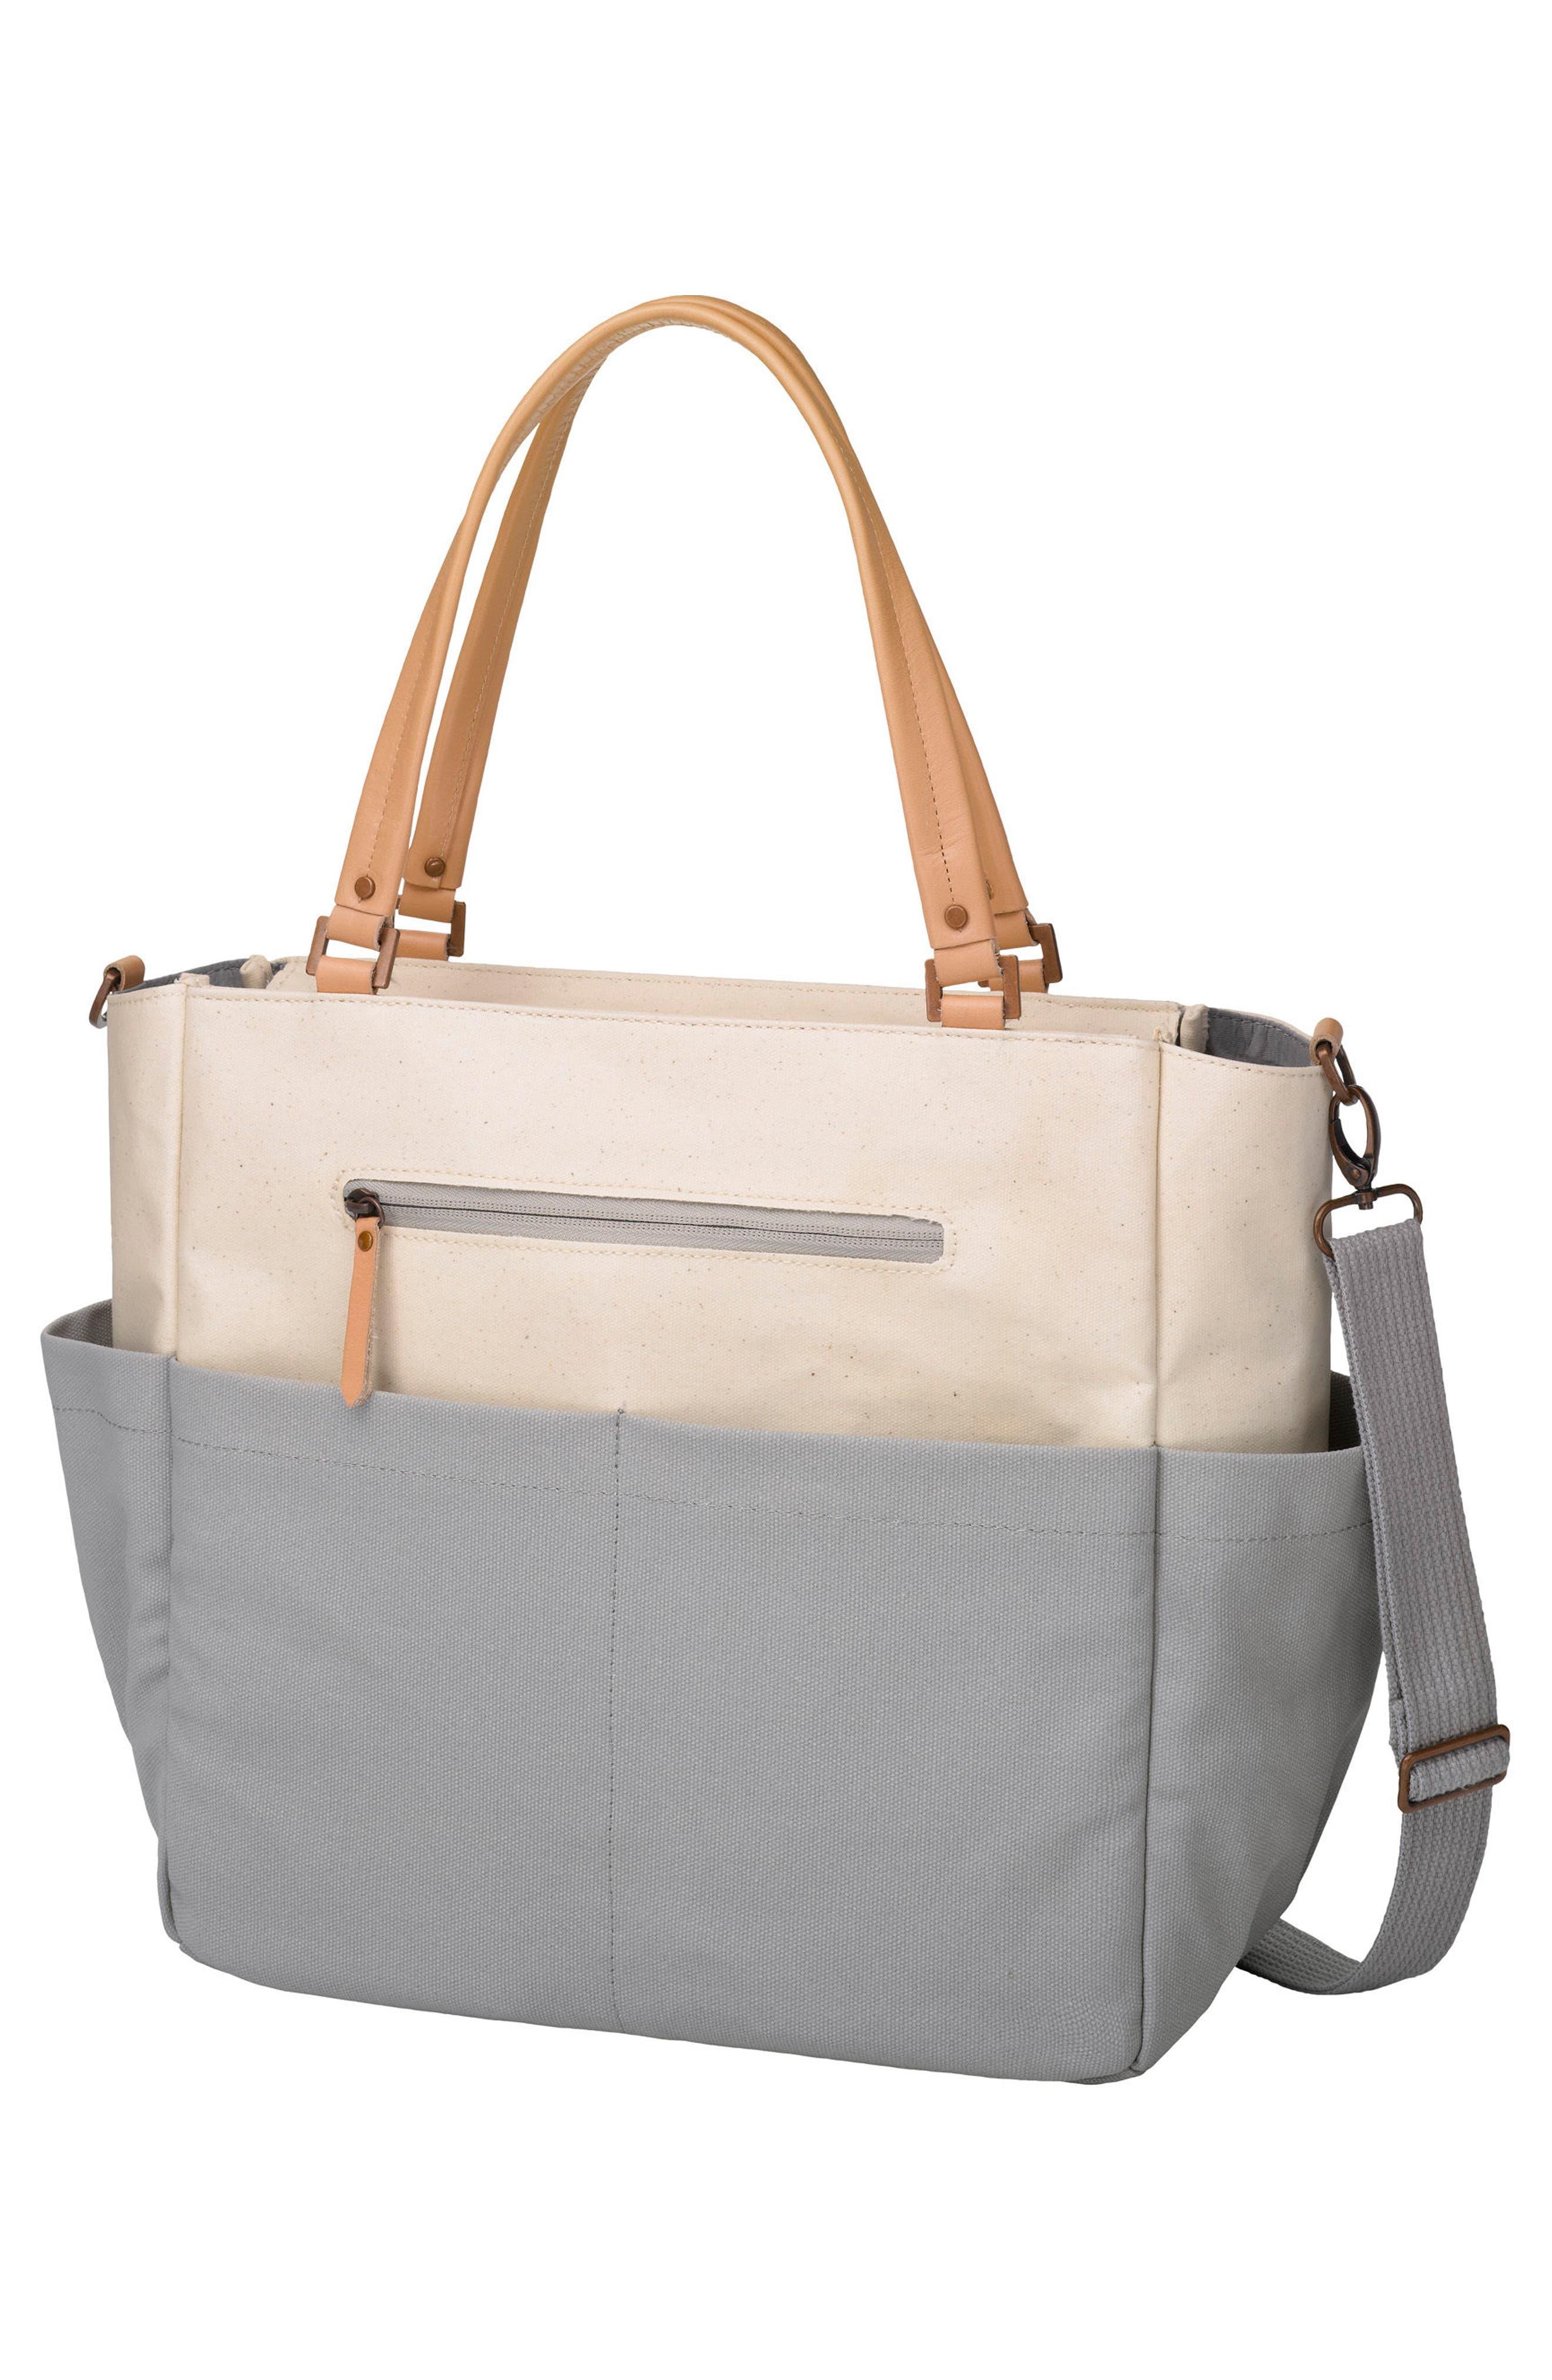 Alternate Image 2  - Petunia Pickle Bottom City Carryall Diaper Bag